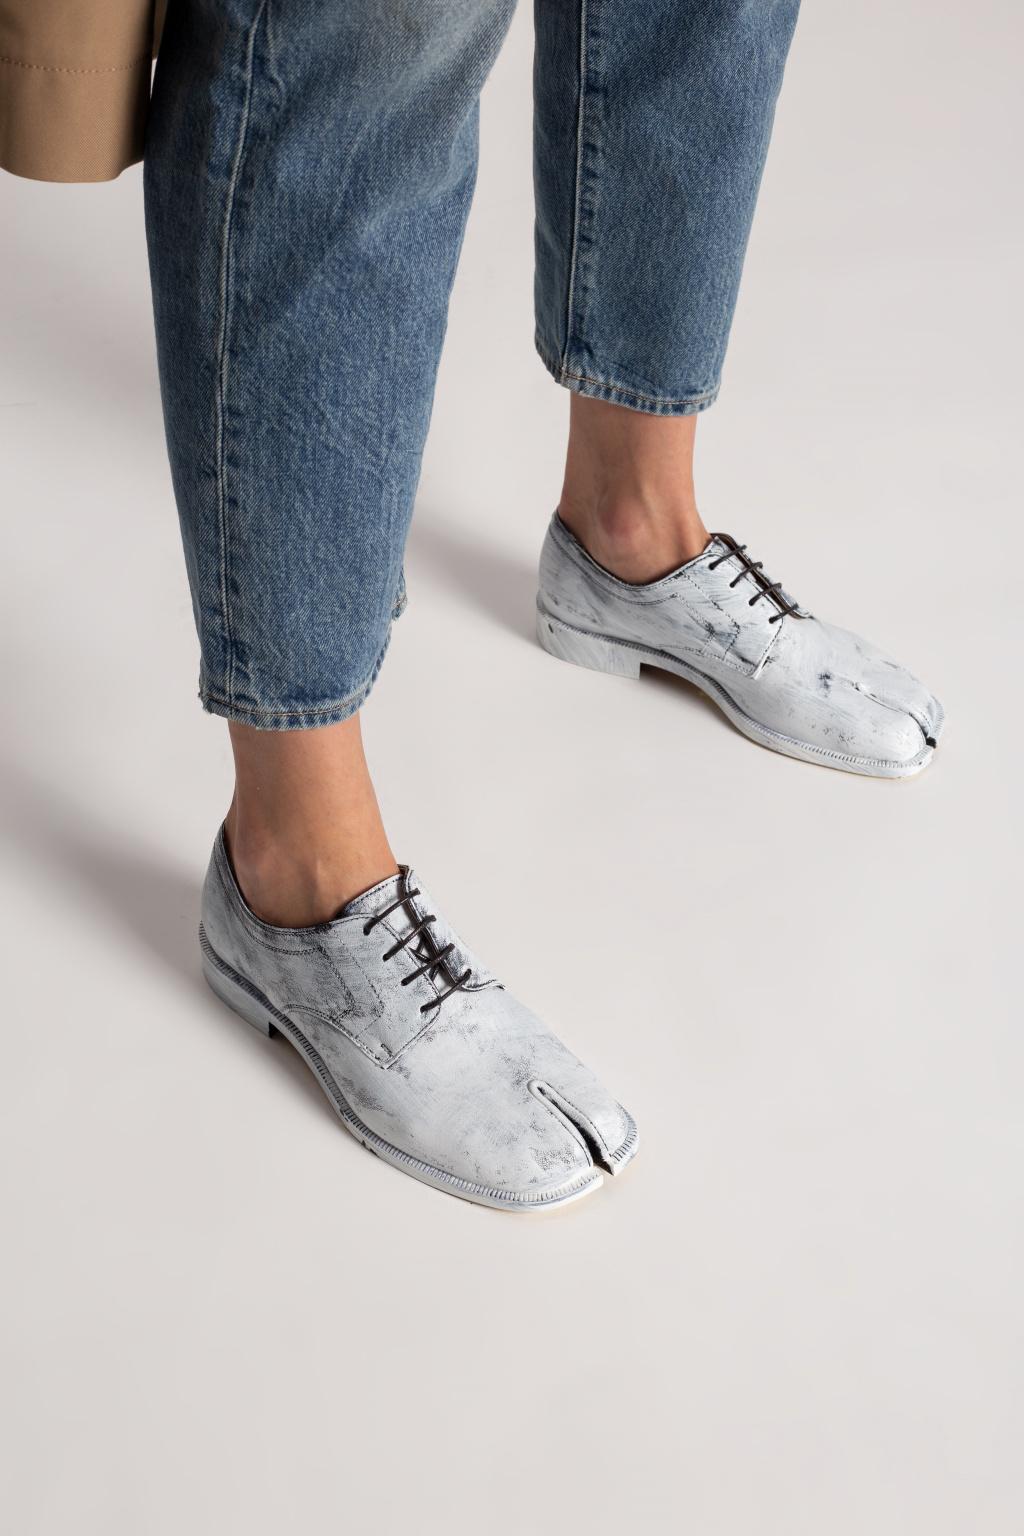 Maison Margiela Leather shoes